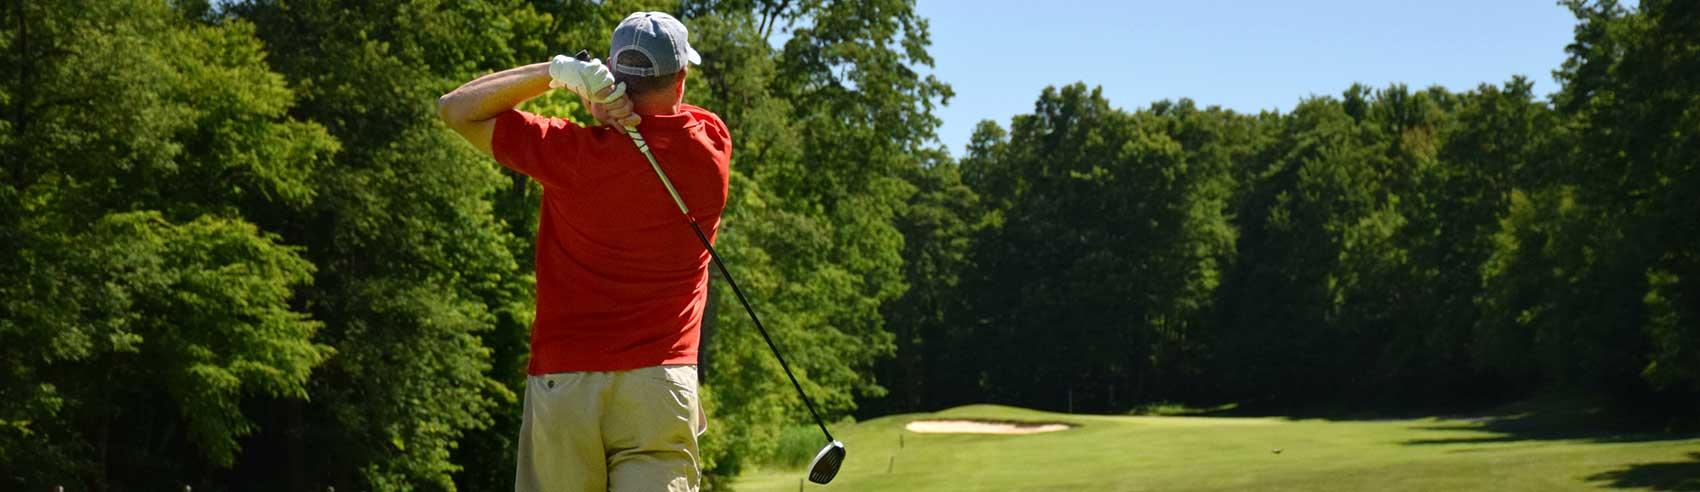 golfer-on-fairway